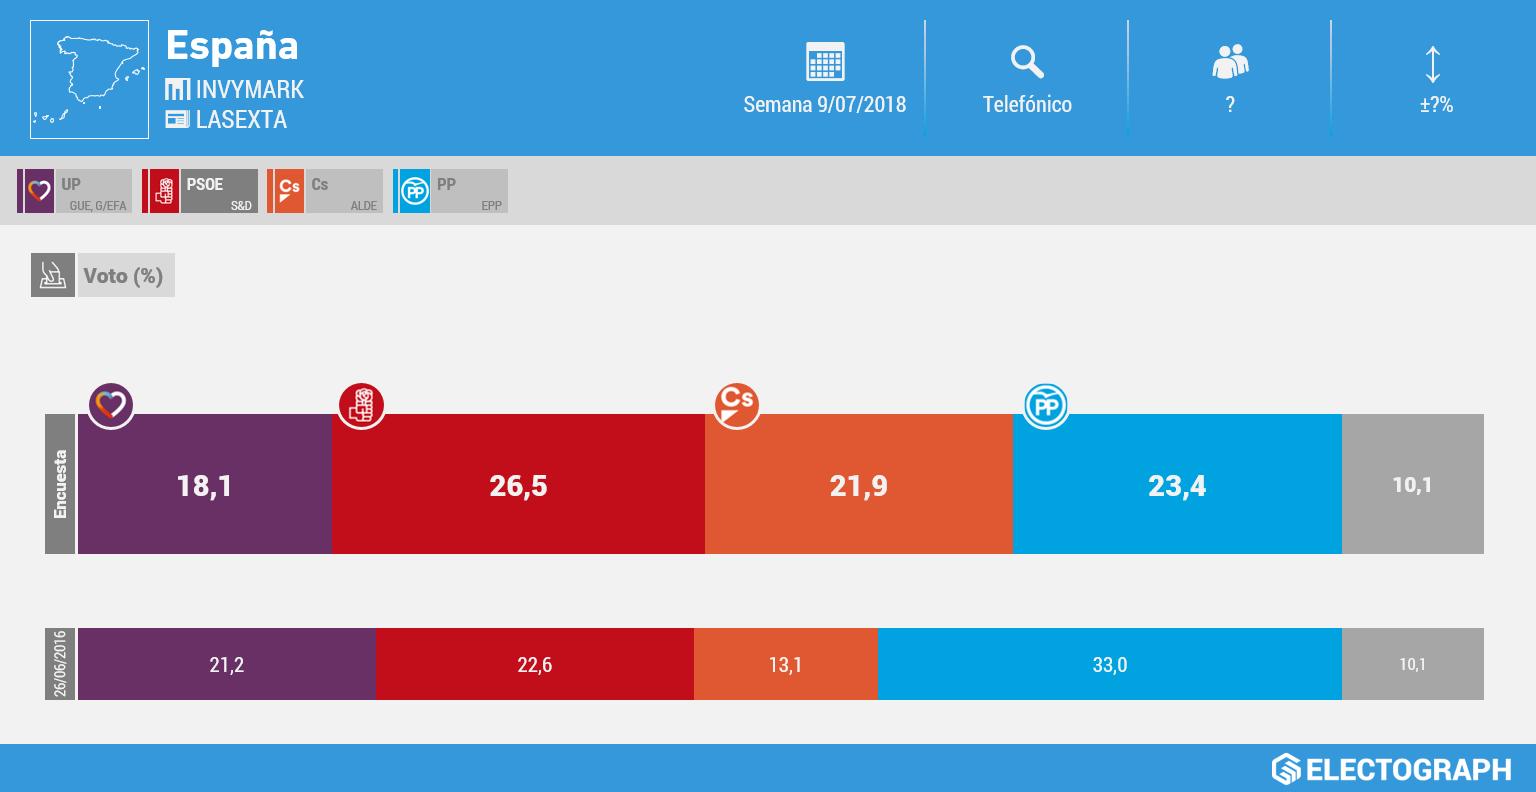 Gráfico de la encuesta para elecciones generales en España realizada por Invymark para LaSexta en julio de 2018